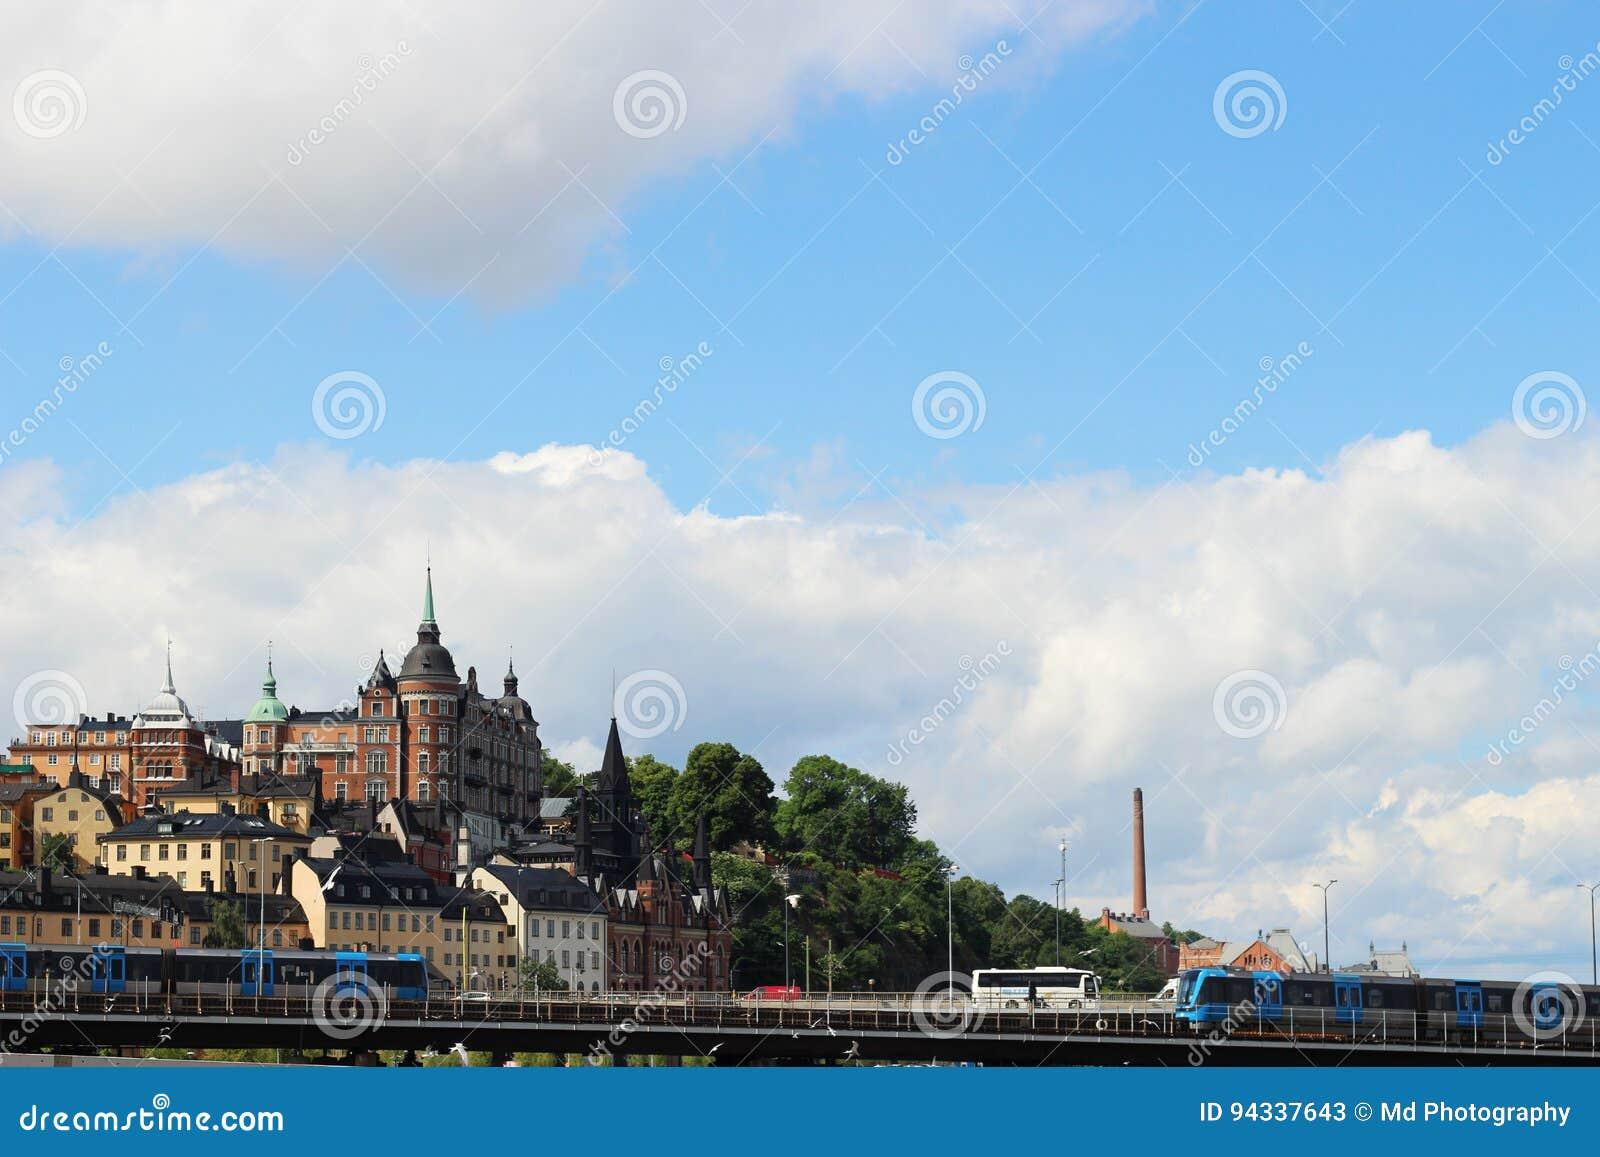 STOCCOLMA, SVEZIA - CIRCA 2016: Un immagine del paesaggio della città scandinava di Stoccolma, Svezia